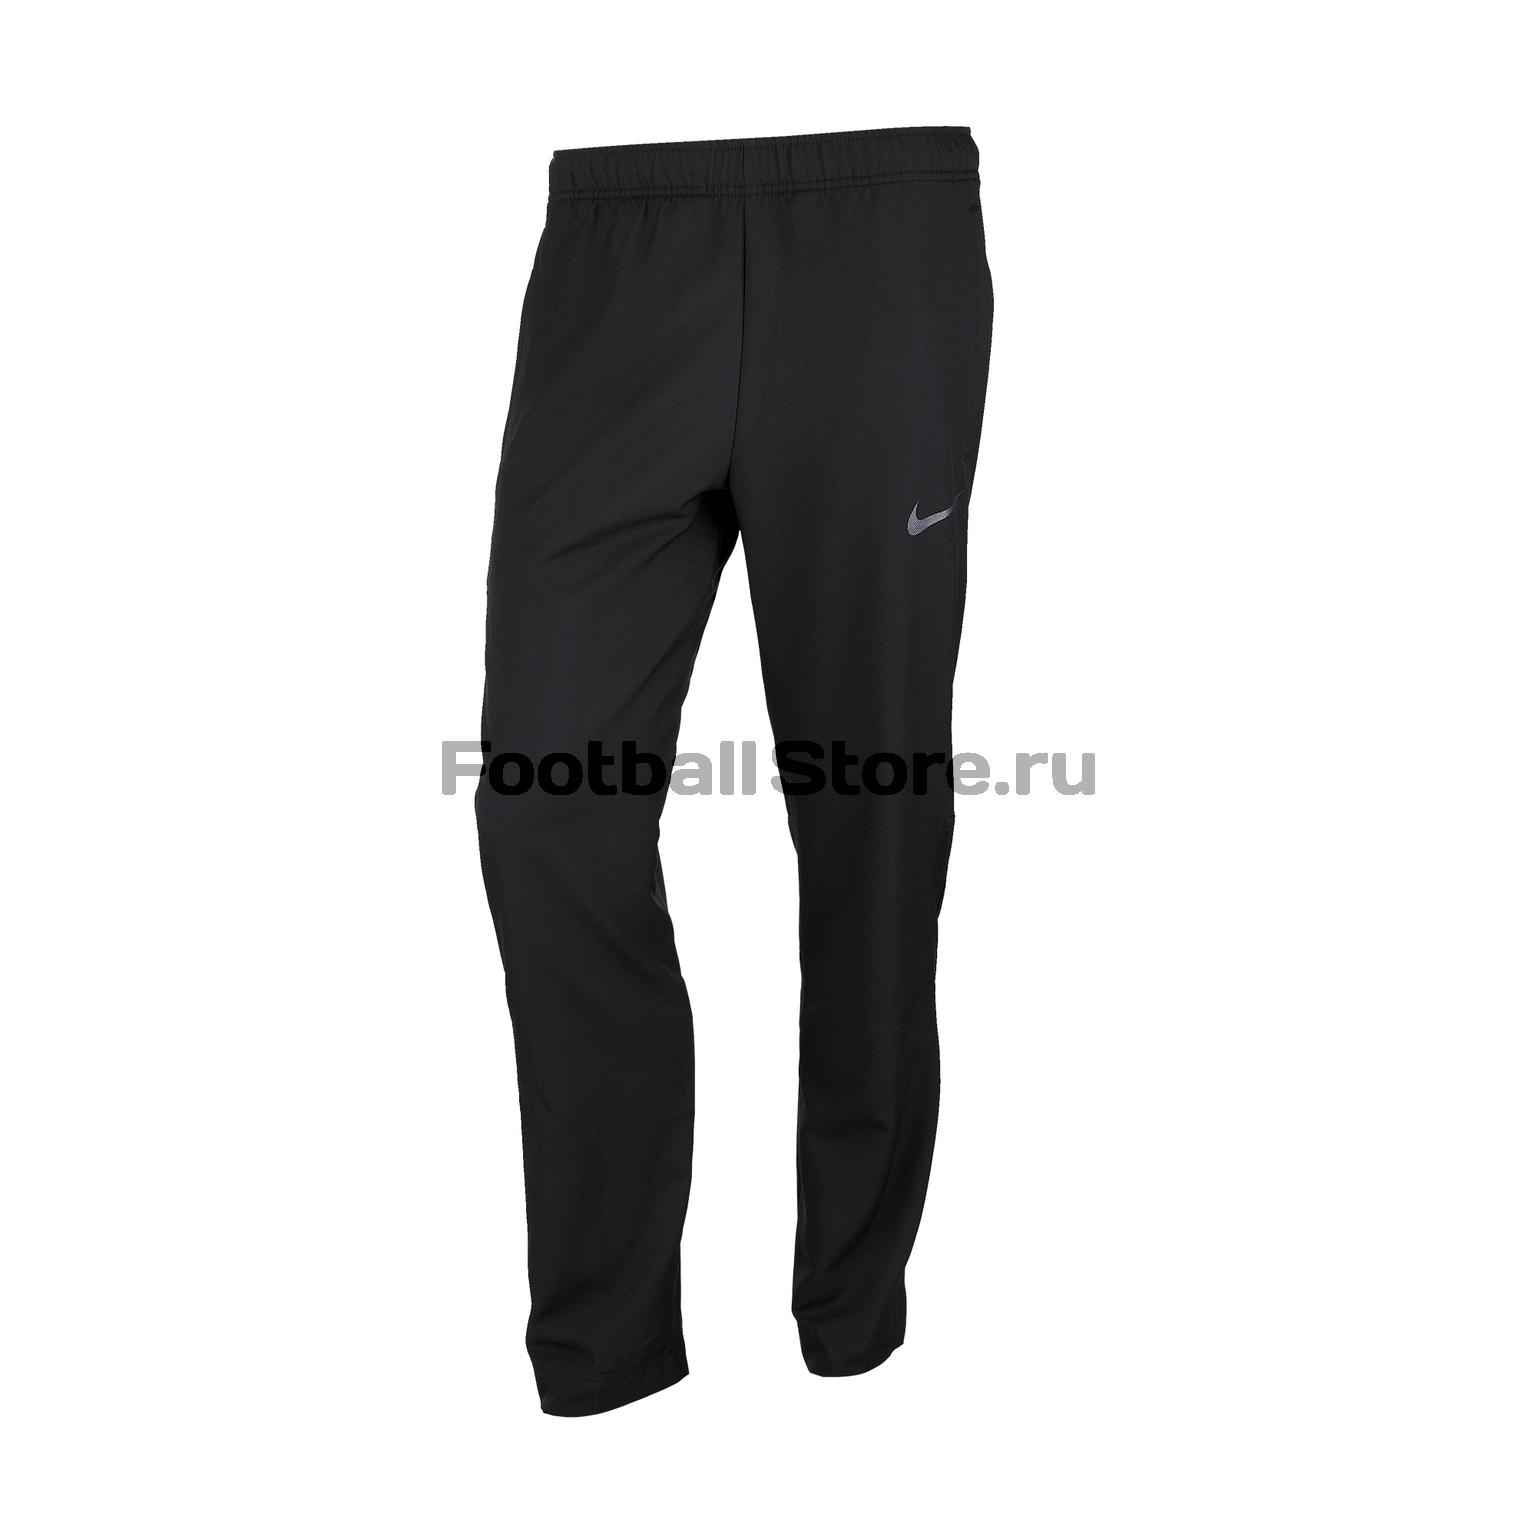 Брюки Nike Dry Pant Team 927380-013